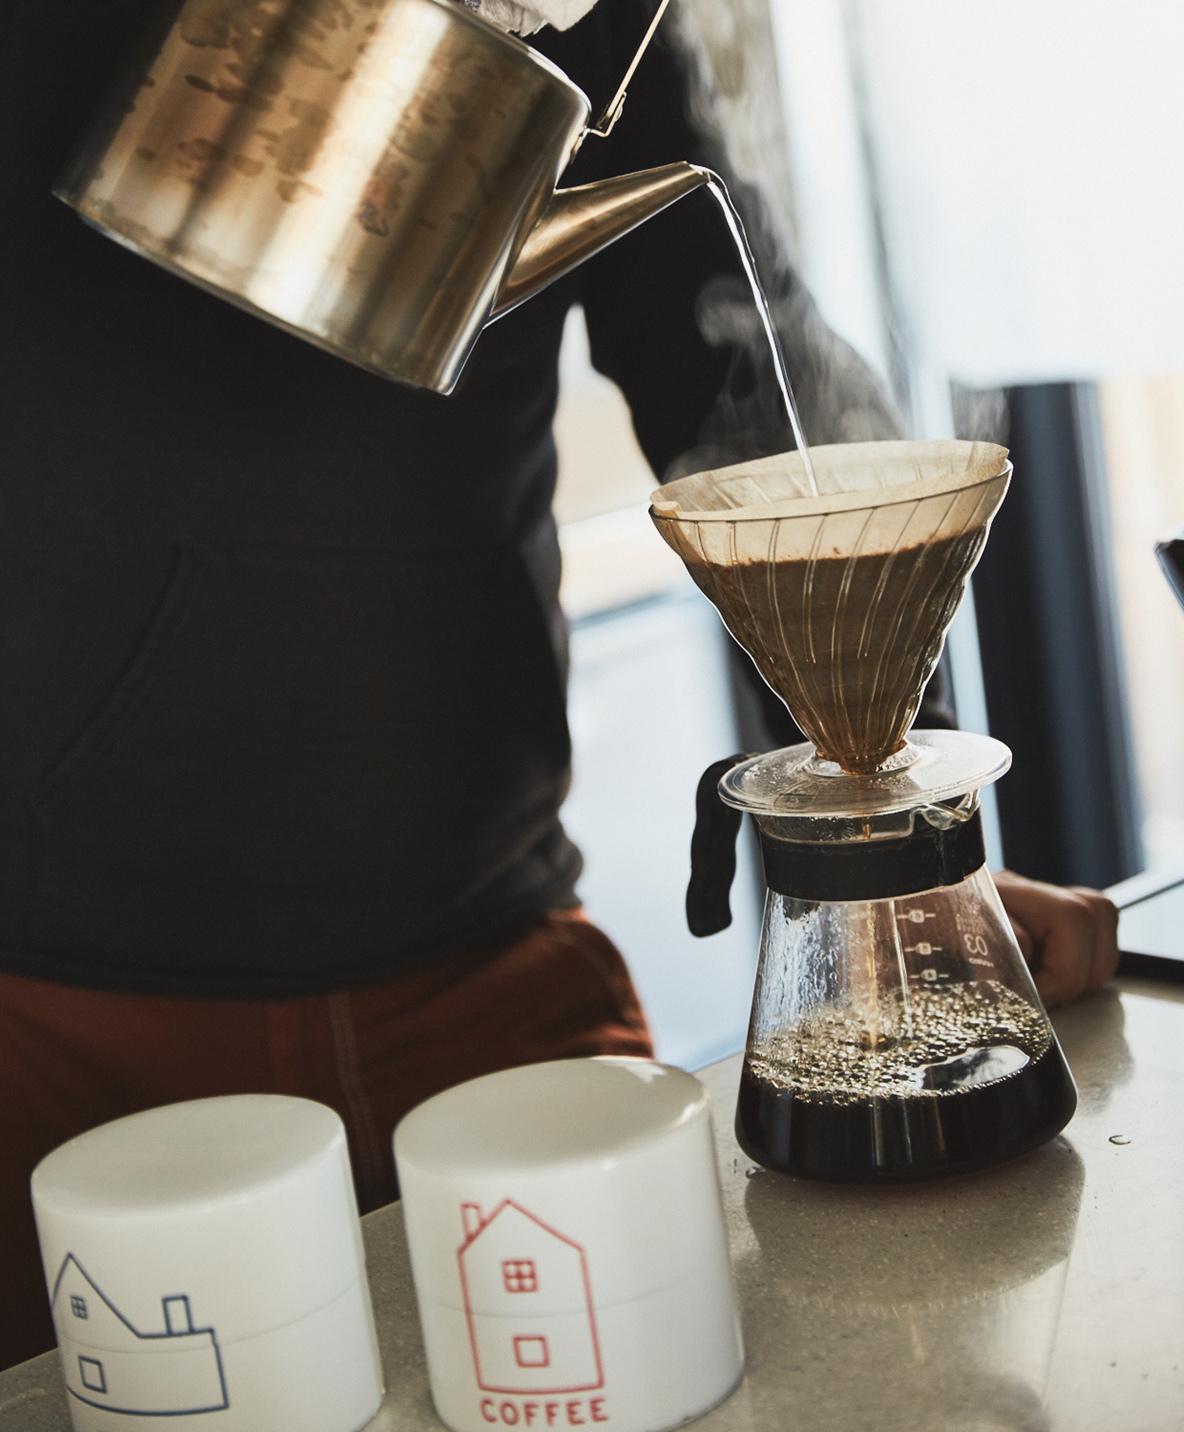 自宅で豆を挽いておいしいコーヒーを淹れる